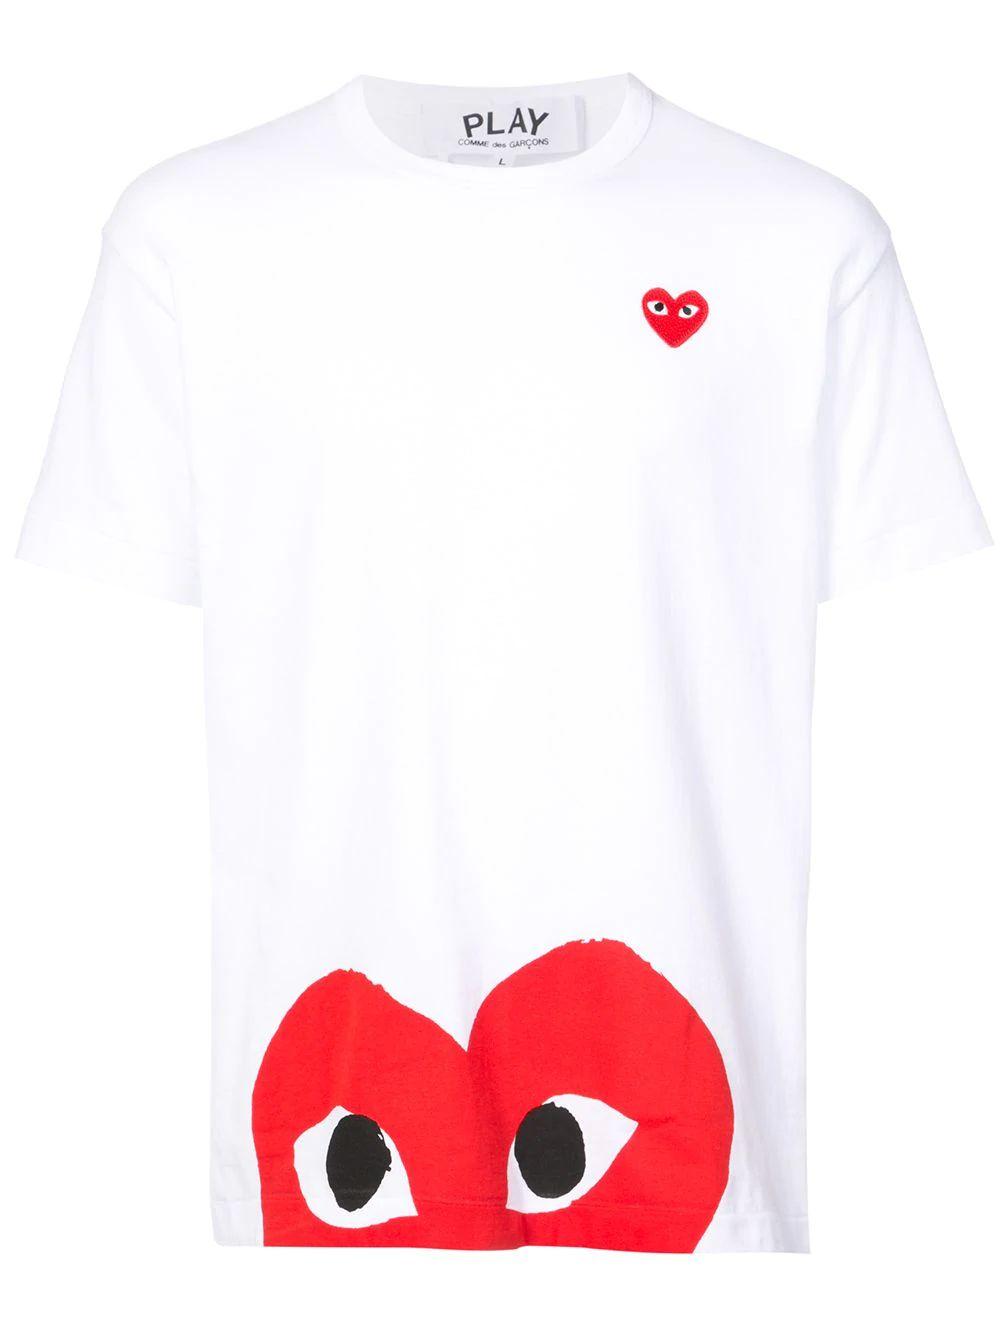 Comme Des Garçons Play Men's White Cotton T-shirt